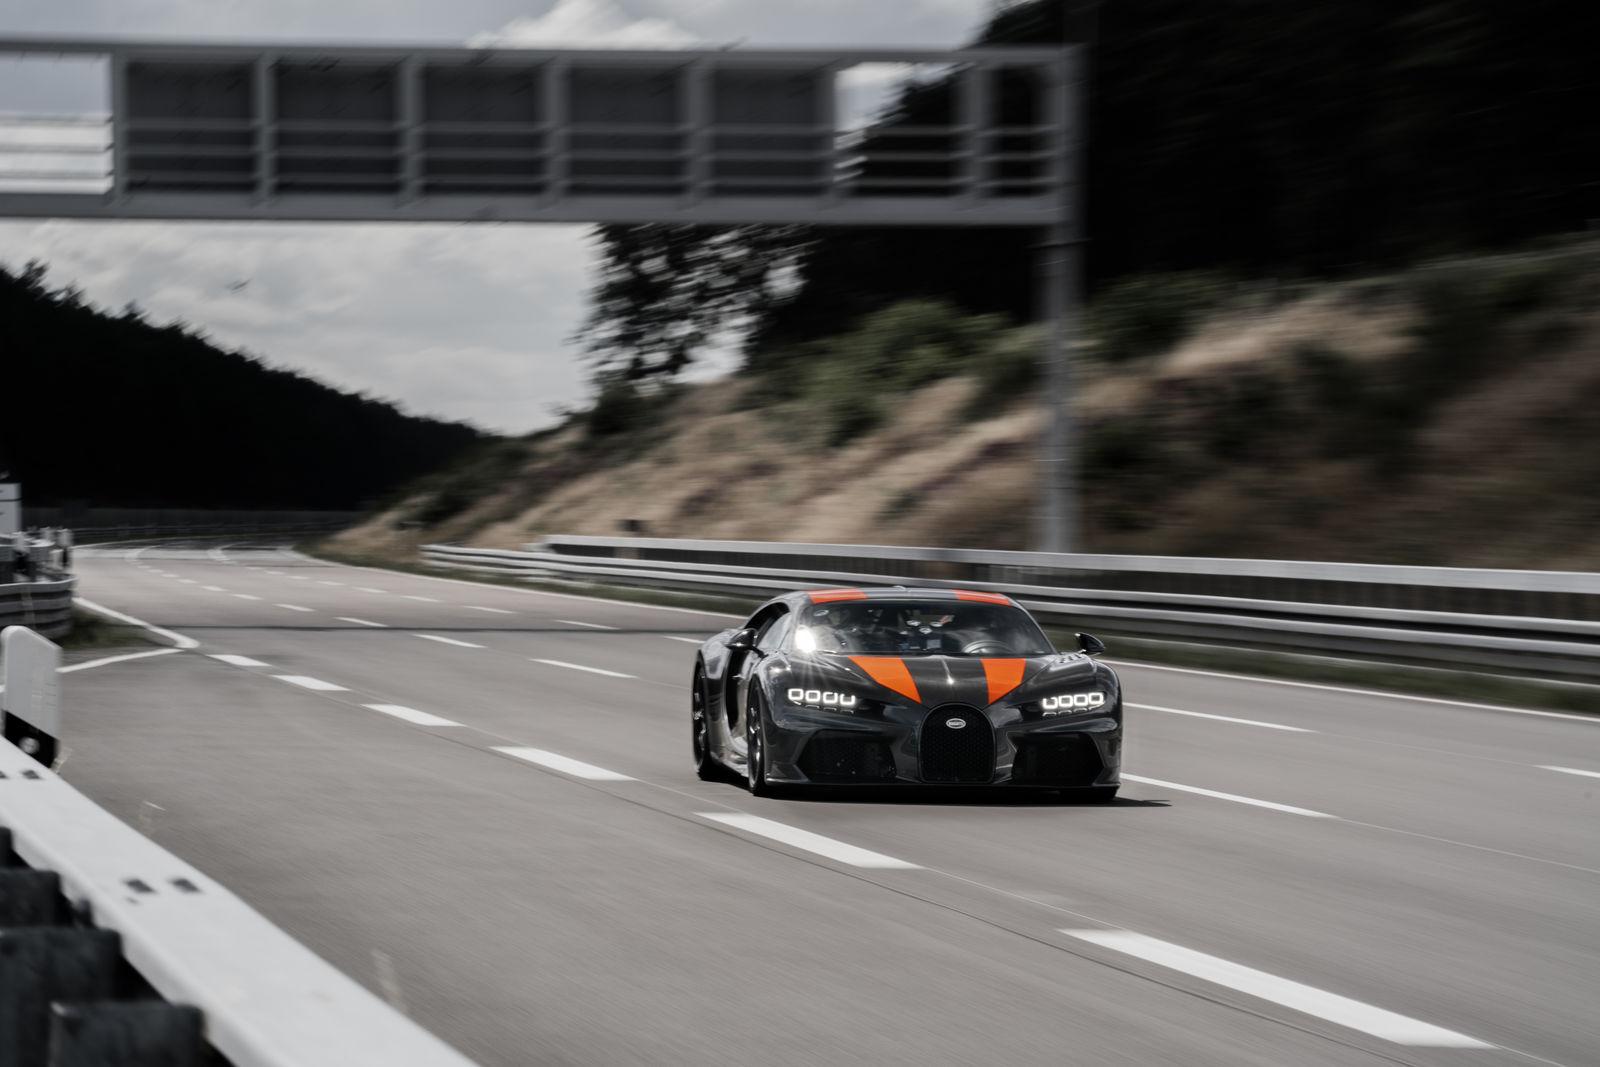 Bugatti Chiron driving